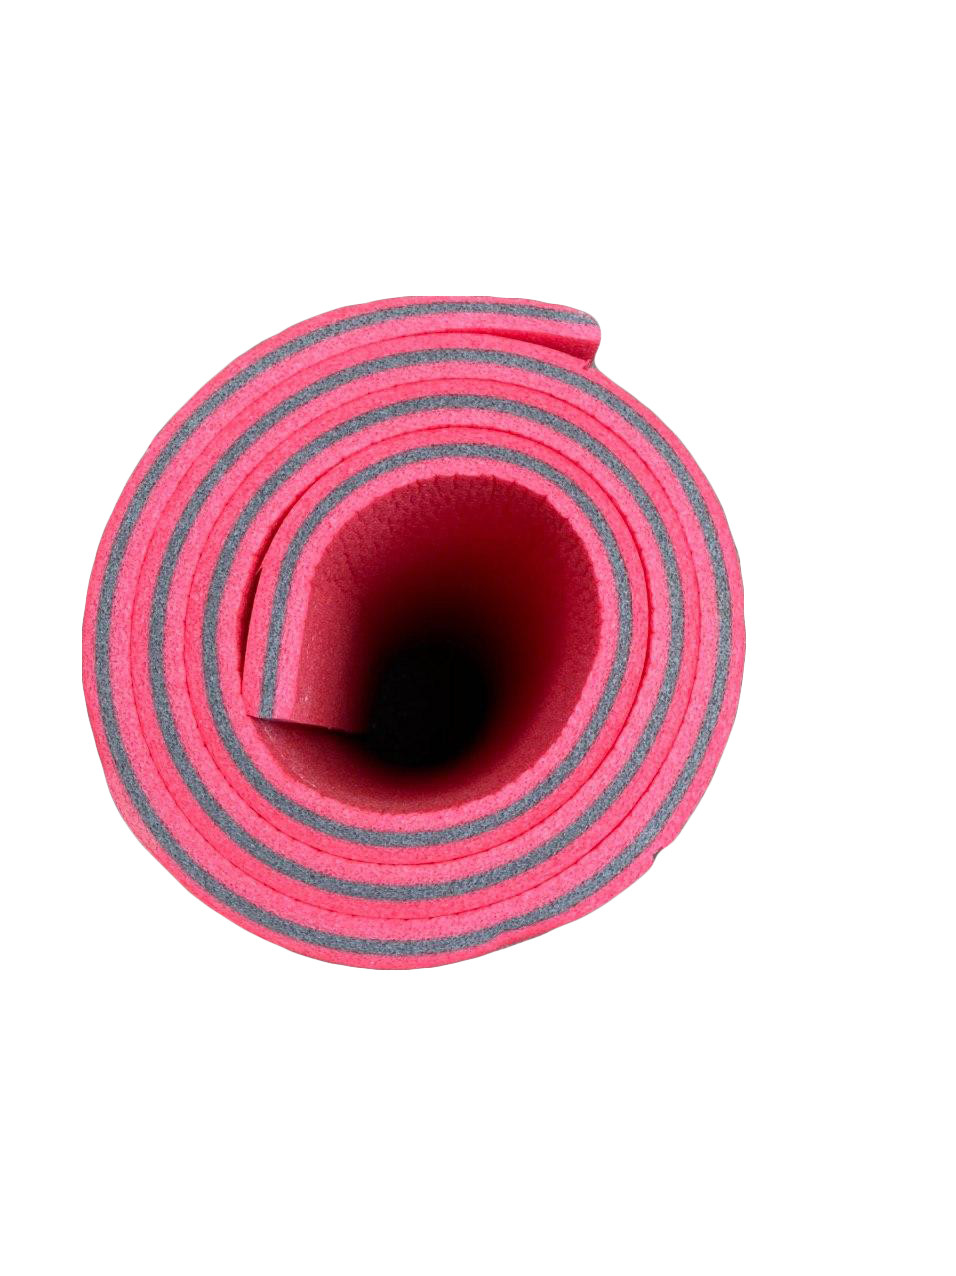 Килимок туристичний, червоно-сірий, т. 15 мм, розмір 60х180 см, виробник Україна, TERMOIZOL®